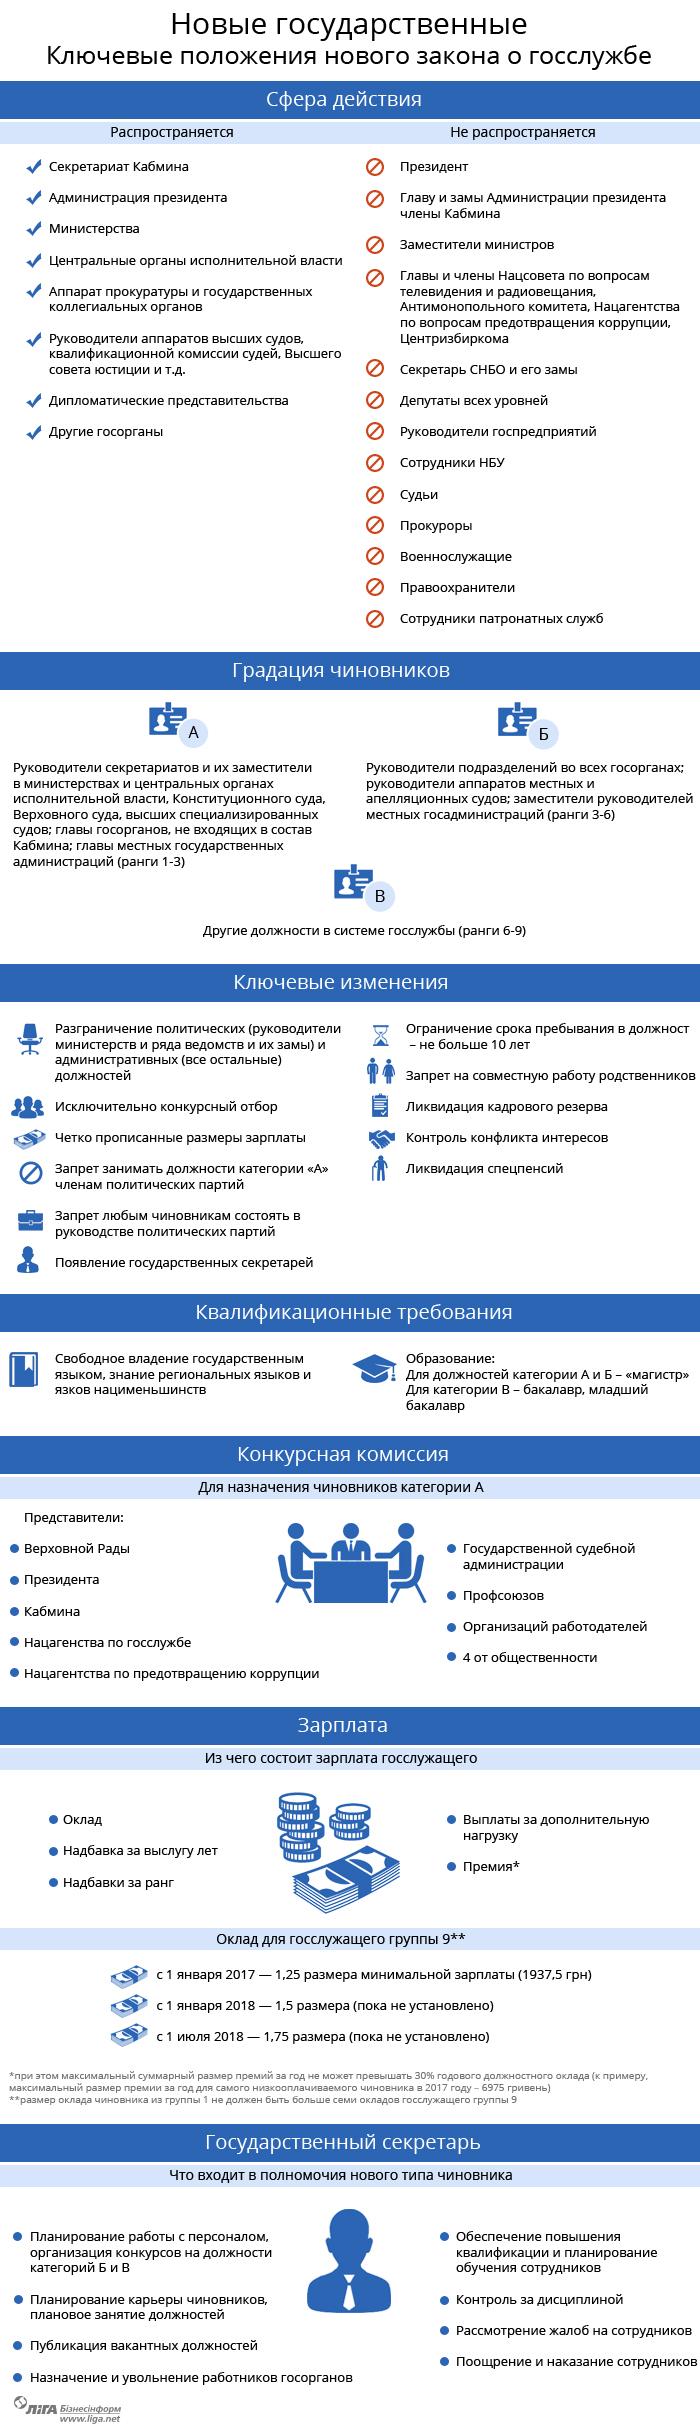 Закон о госслужбе россии новое в 2018 году